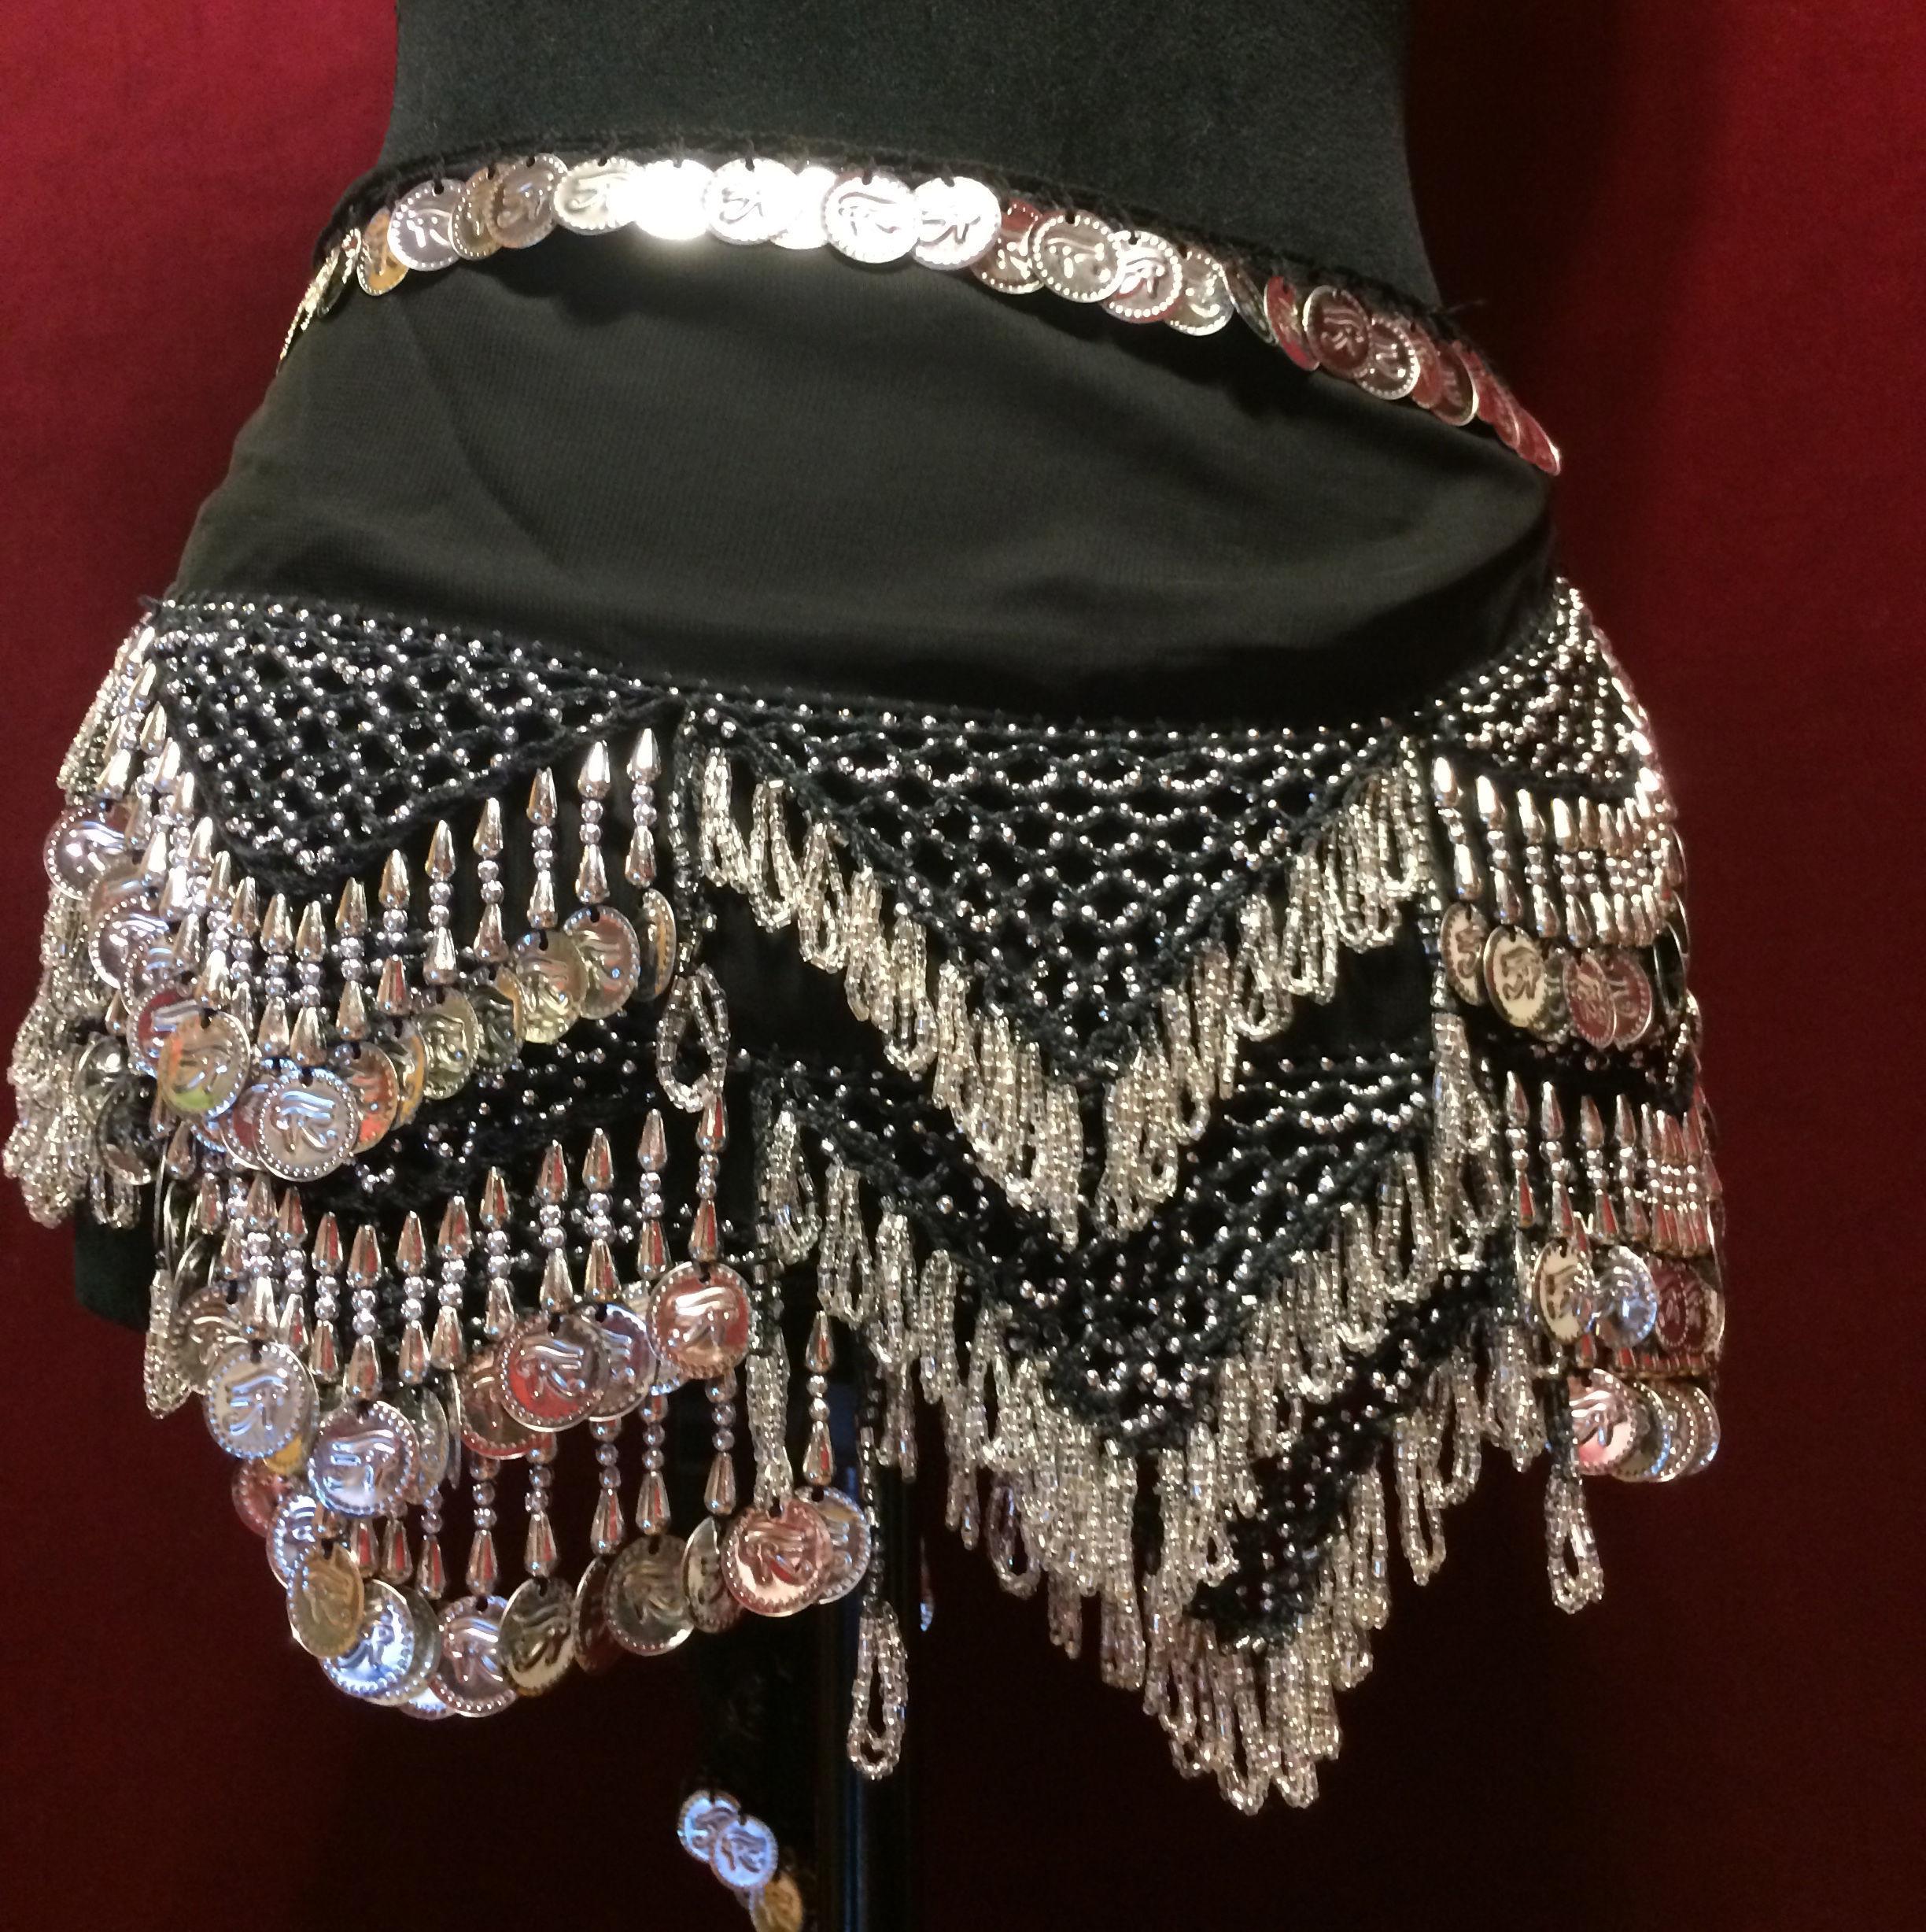 エジプト雑貨 ベリーダンス 衣装 | 手作り ヒップスカーフ ブラック シルバー コイン/レディース